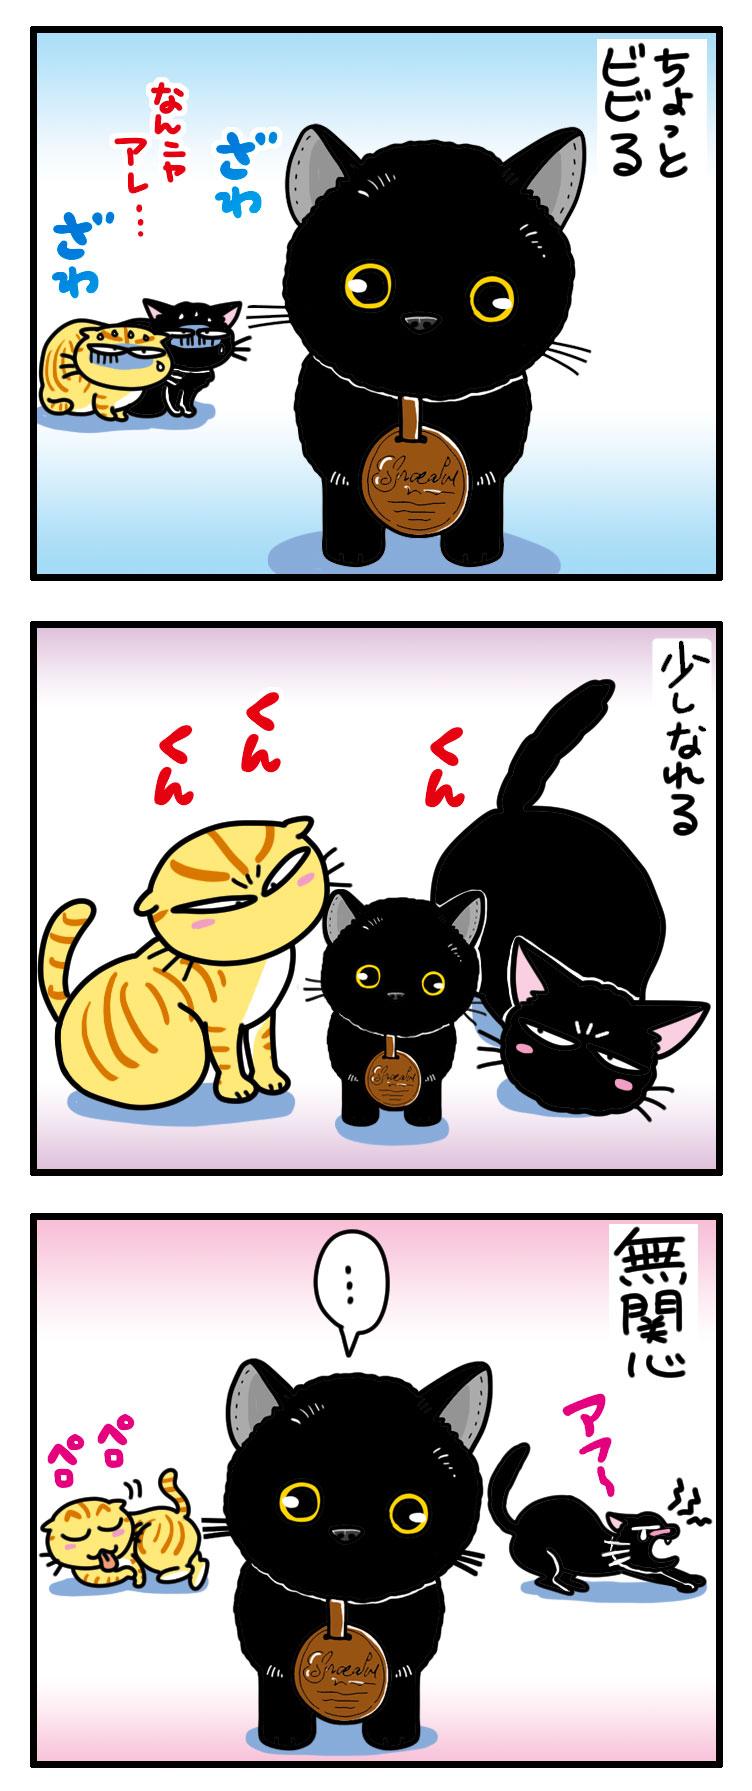 リアルな猫のぬいぐるみ